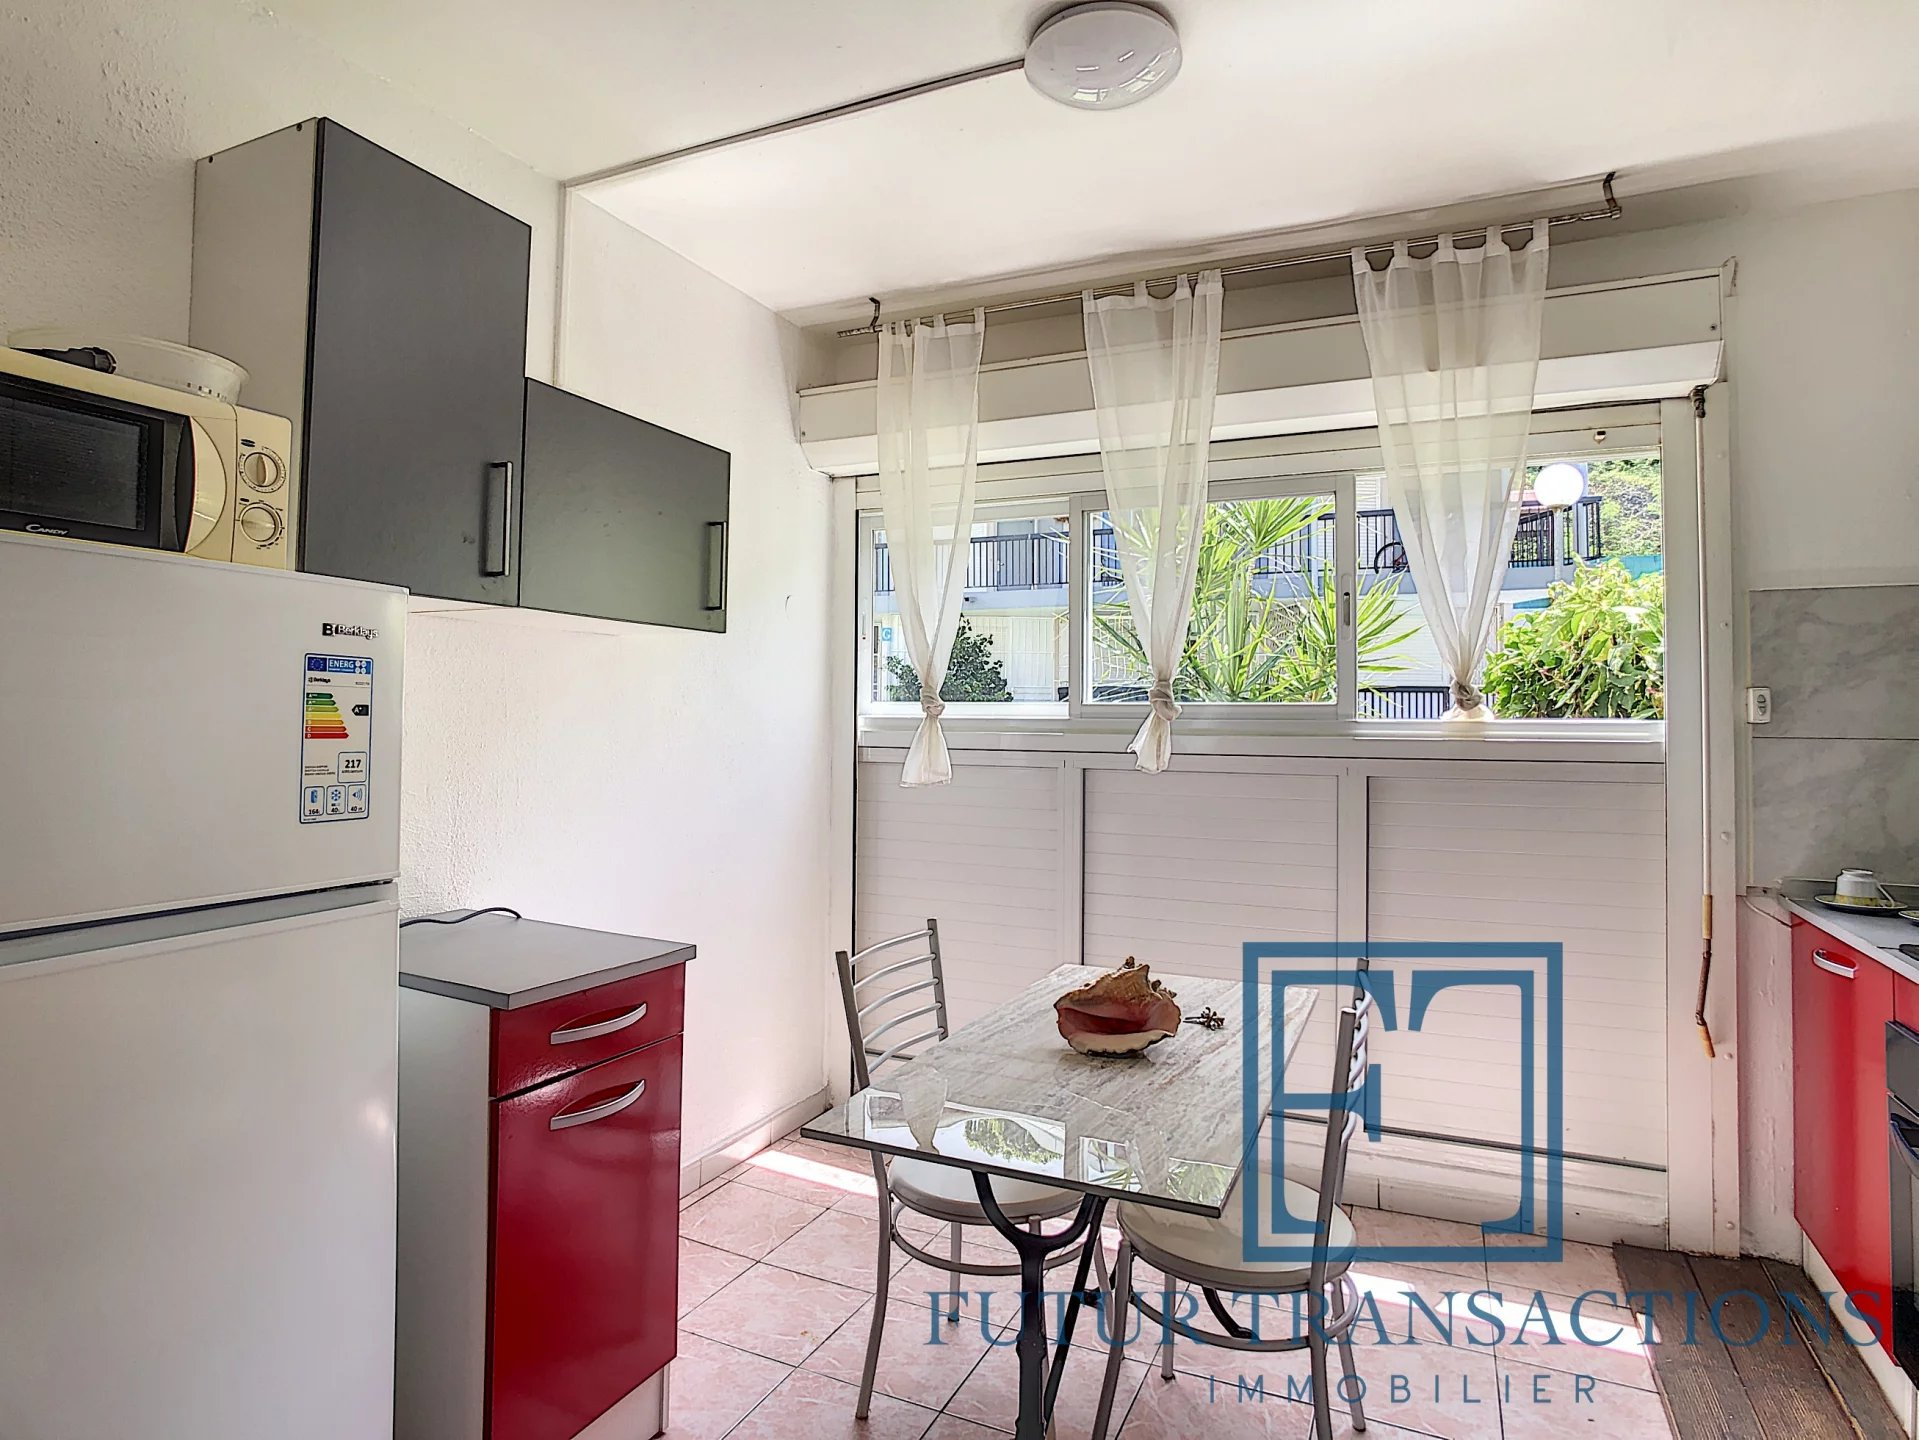 Appartement T1 29 m2 à Bas du Fort